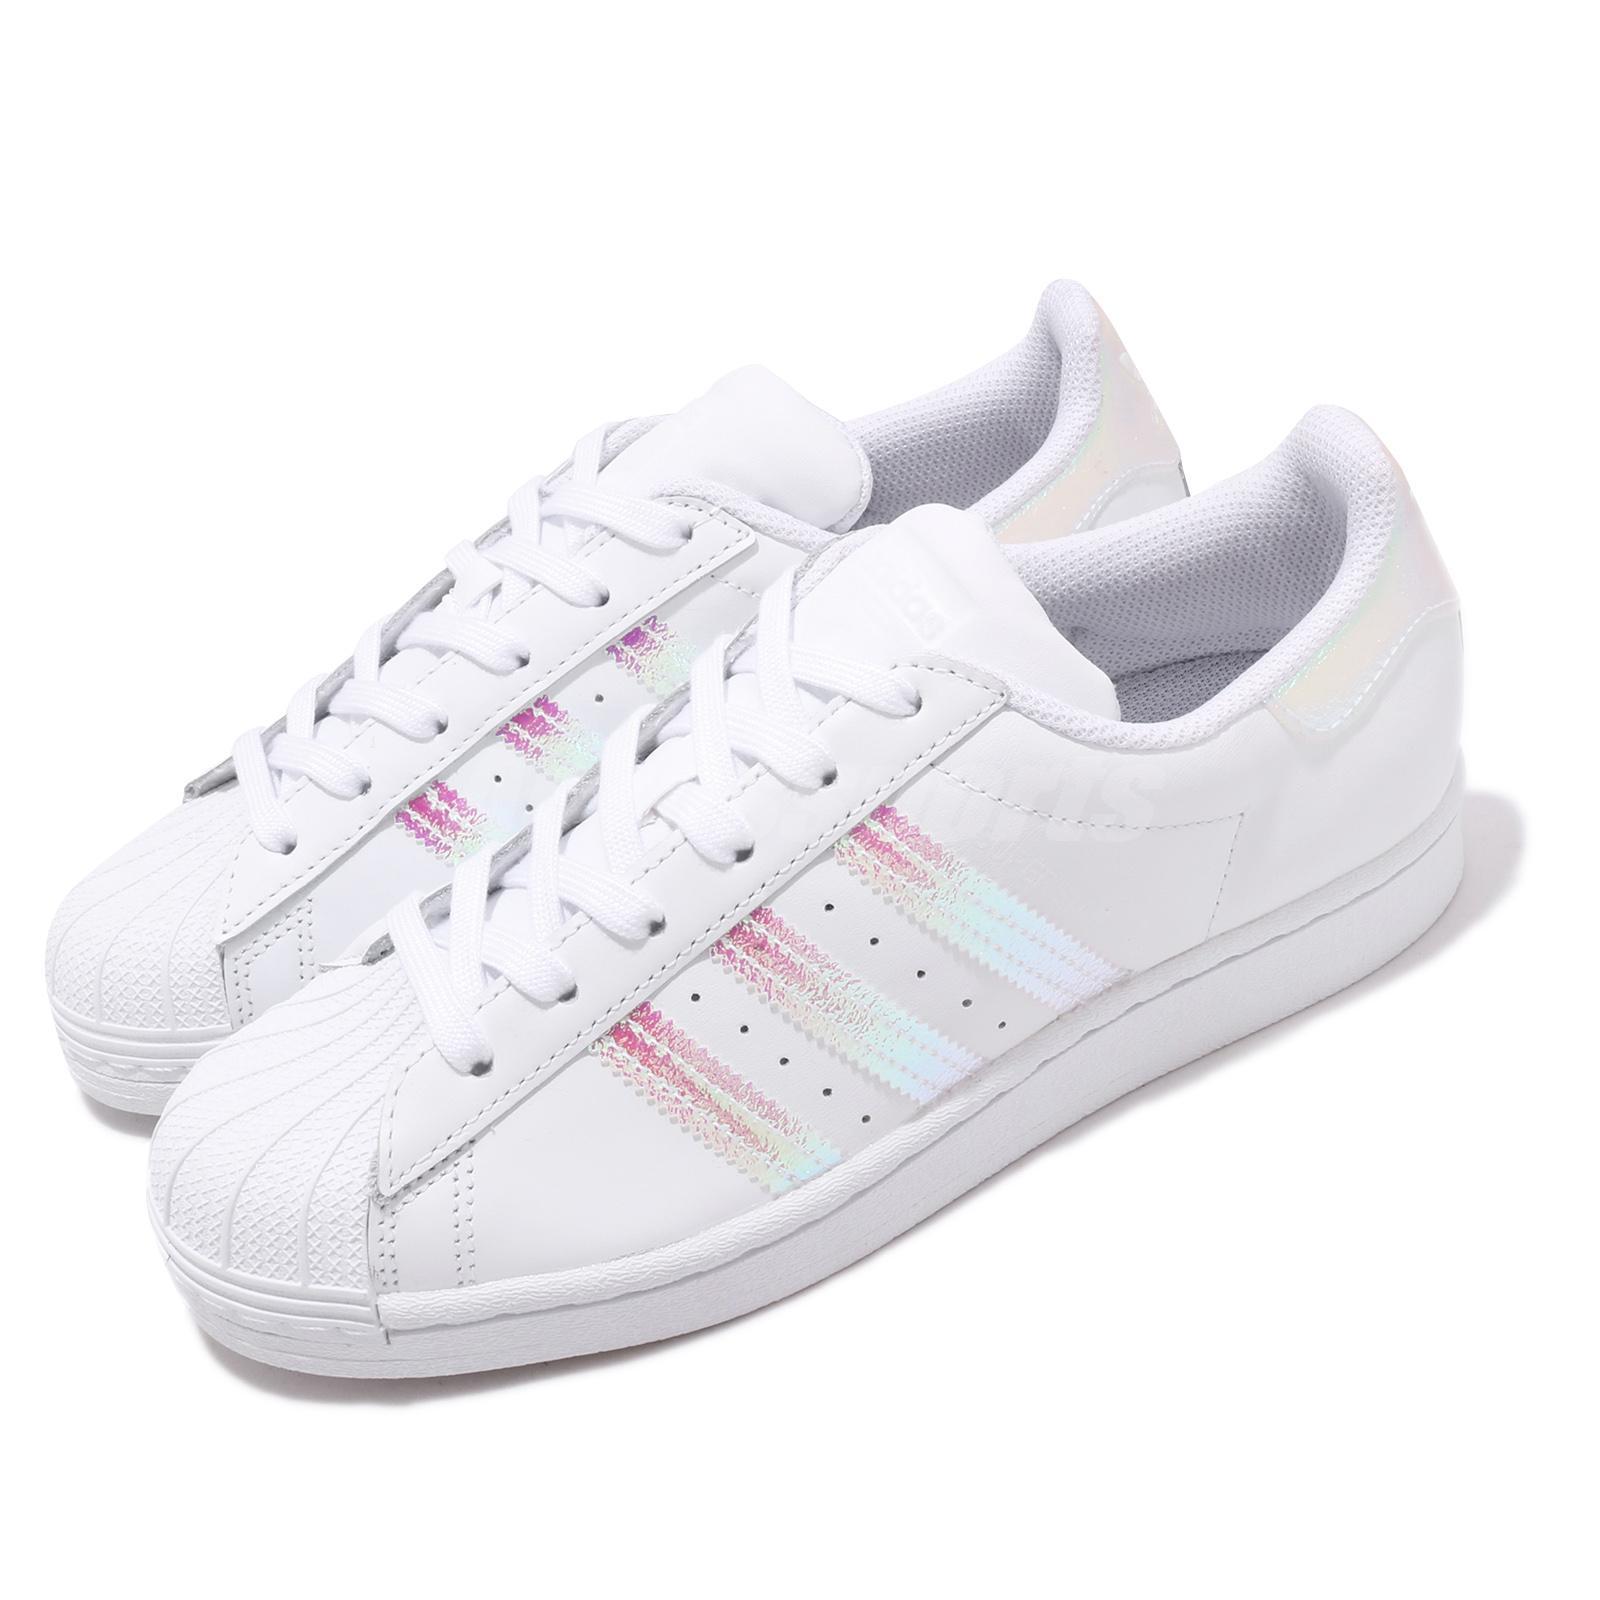 Aplicar interior sátira  Comprar > adidas originals superstar white/iridescent